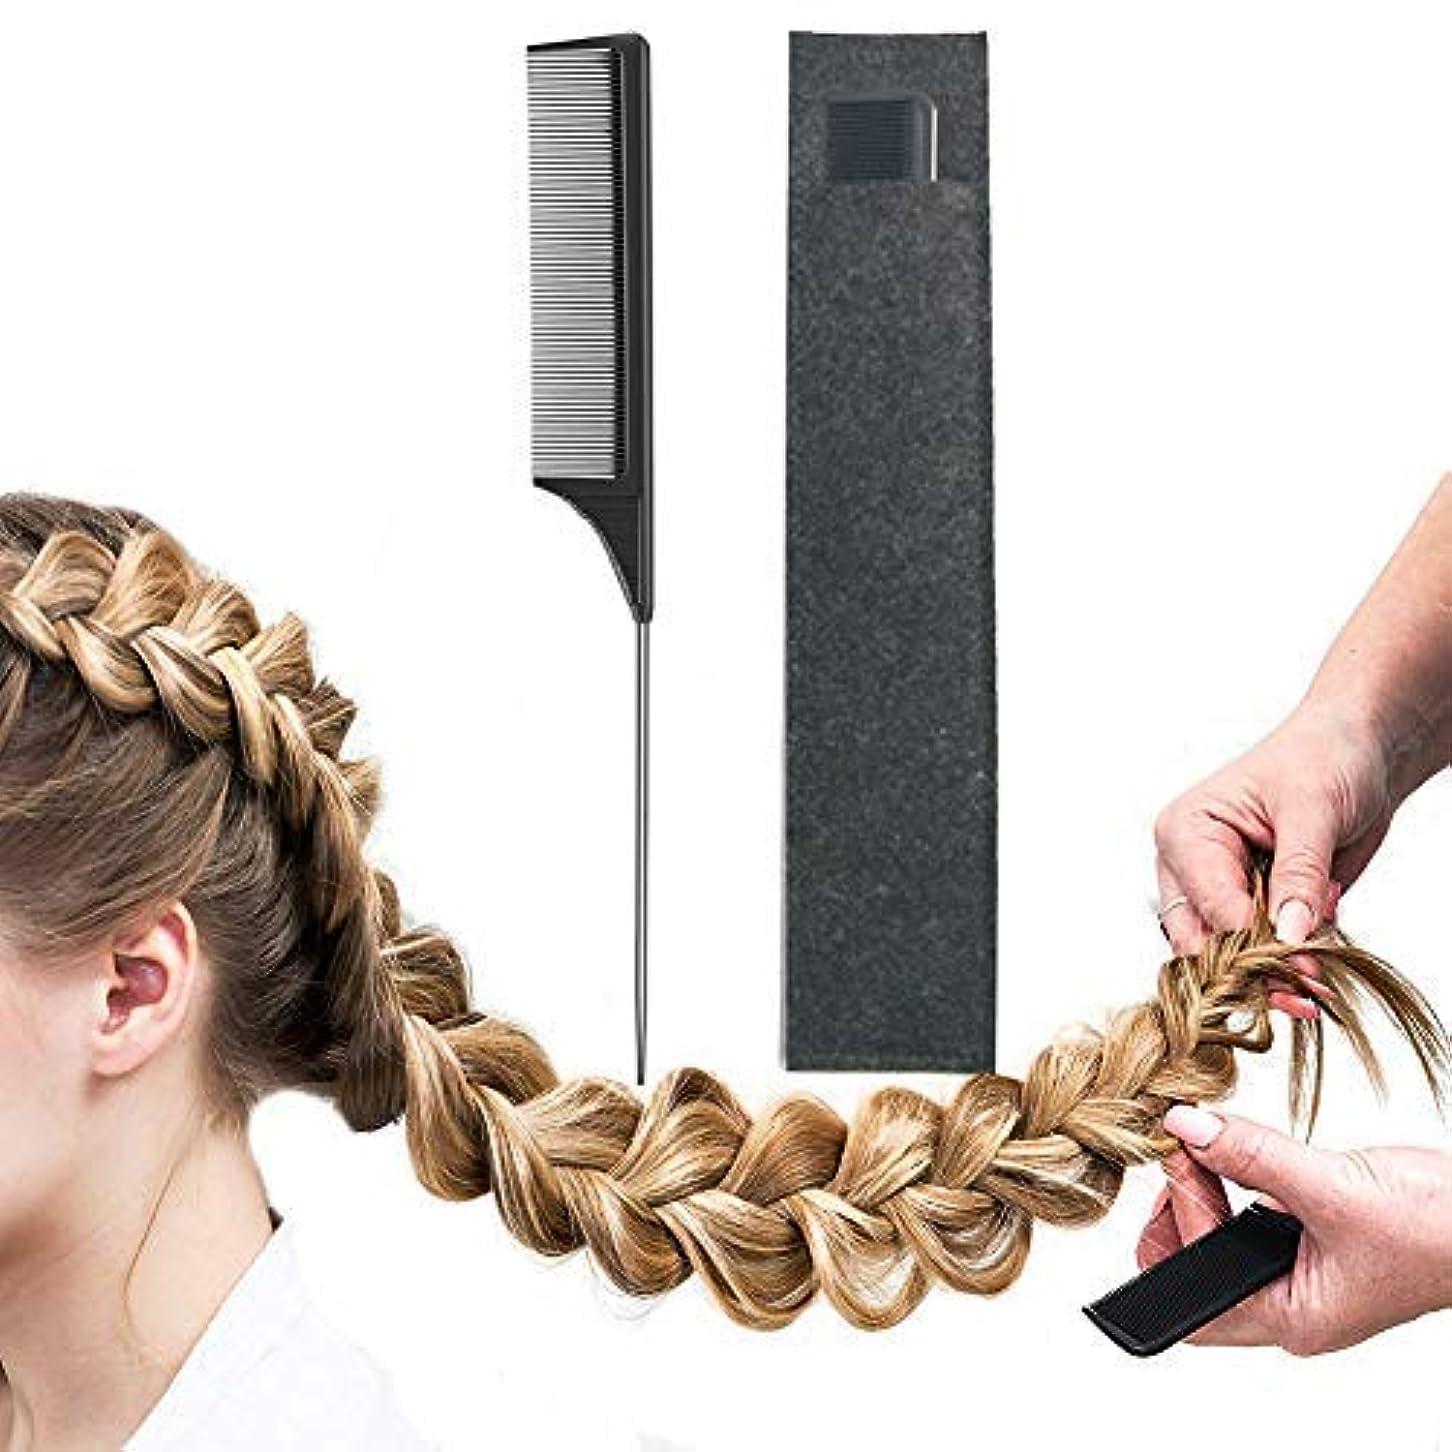 ラベンダー体現する手を差し伸べるPintail Comb Carbon Fiber And Heat Resistant Teasing HairTail Combs Metal With Non-skid Paddle For Hair Styling...